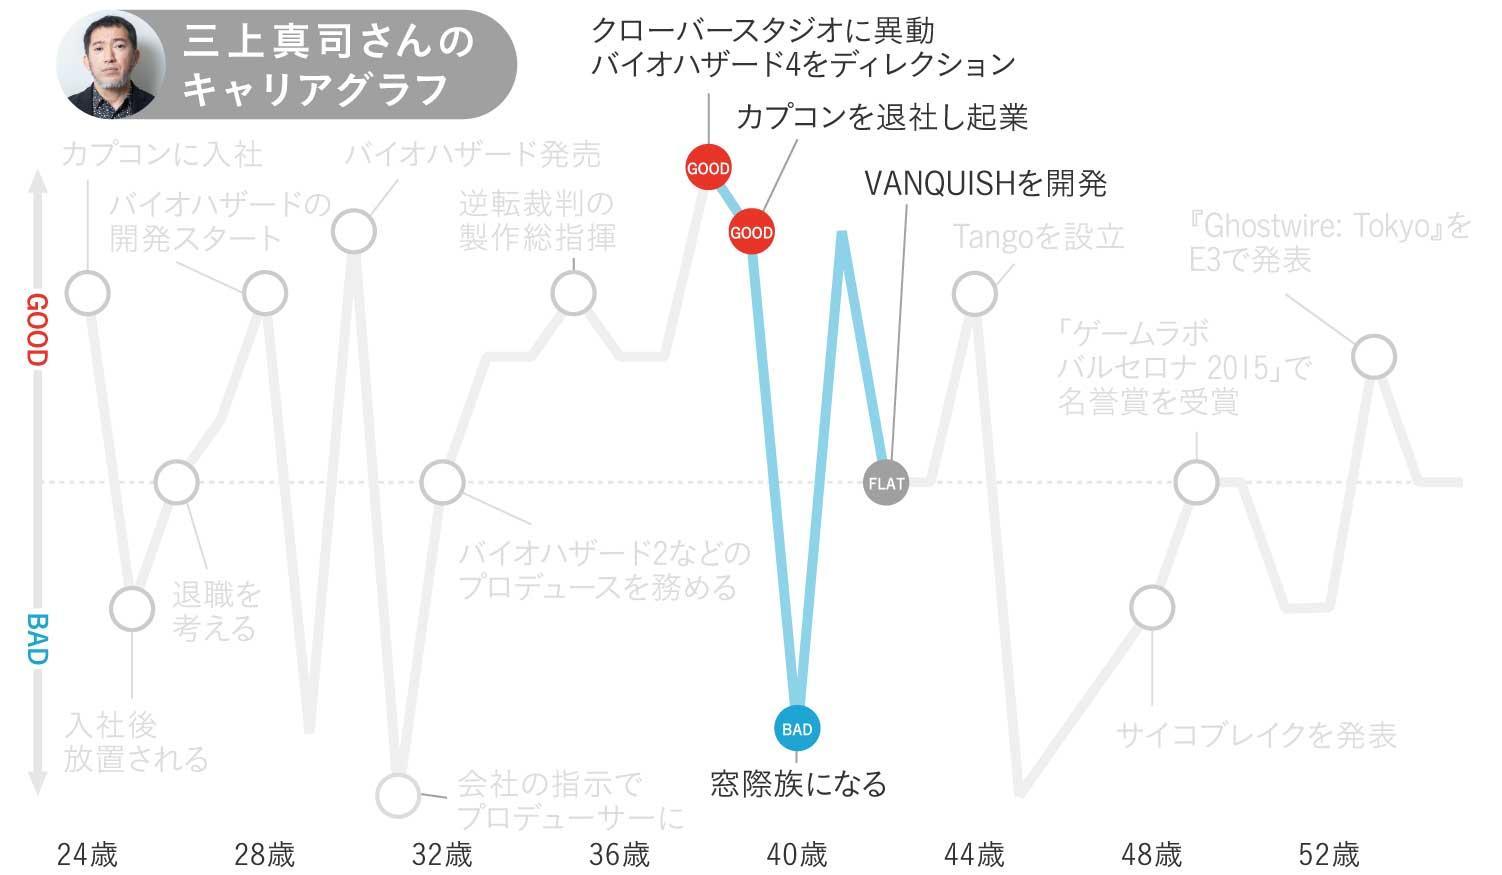 三上真司さんのキャリアグラフ3